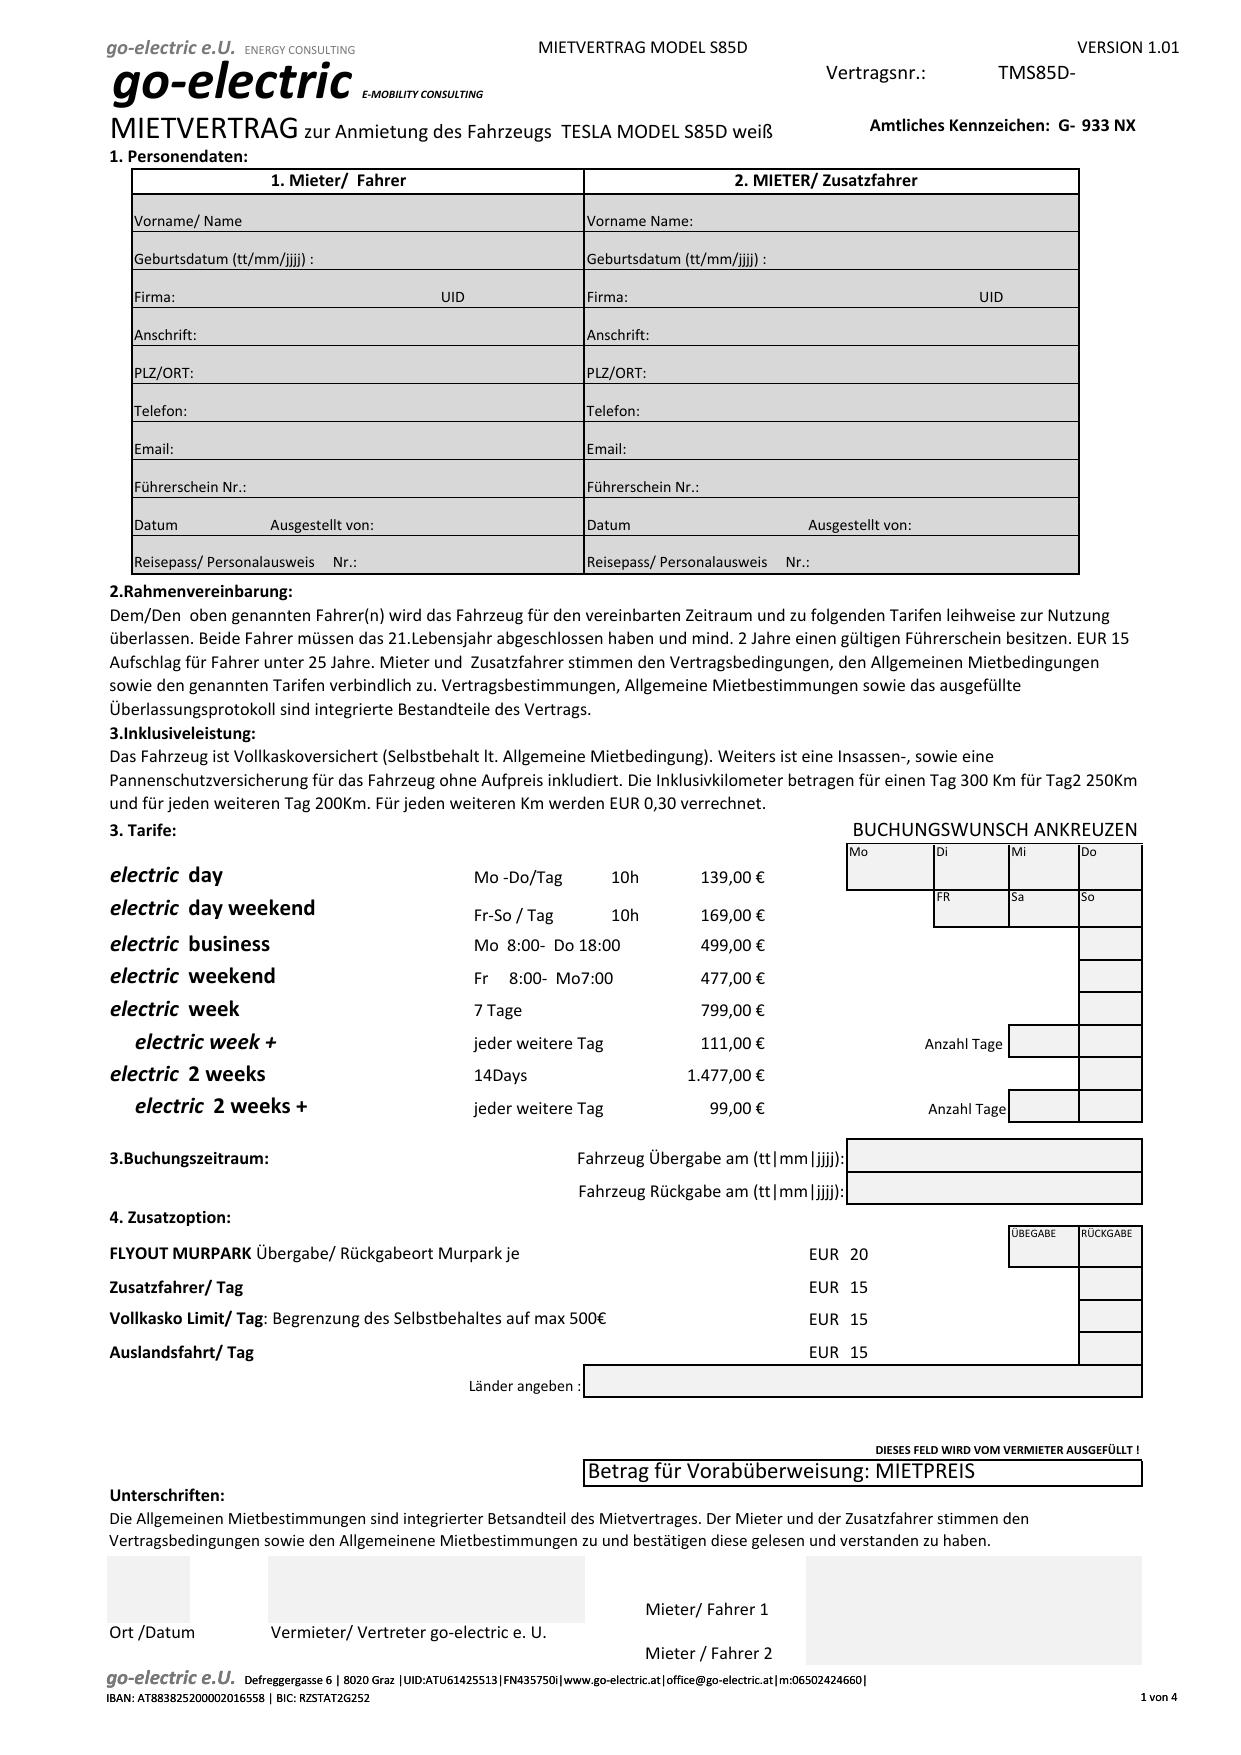 MIETVERTRAG TESLA MS85D V1.02 | manualzz.com